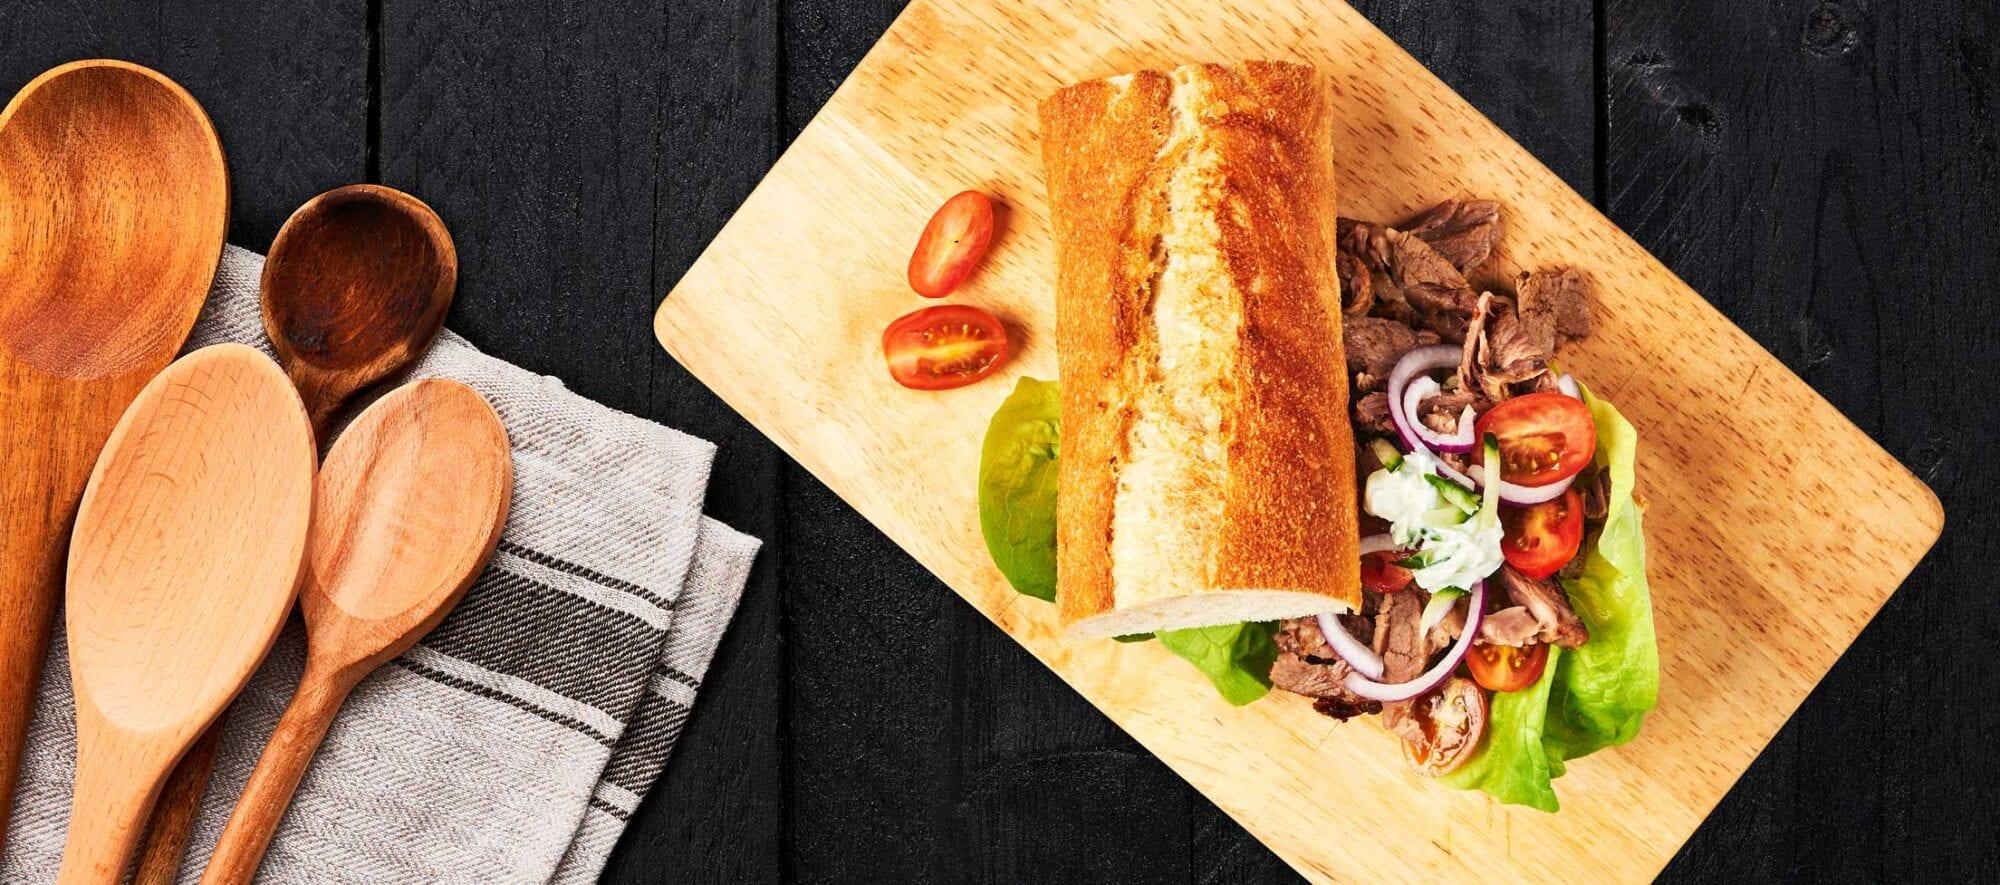 Sandwich med pulled lam, tomat og løg